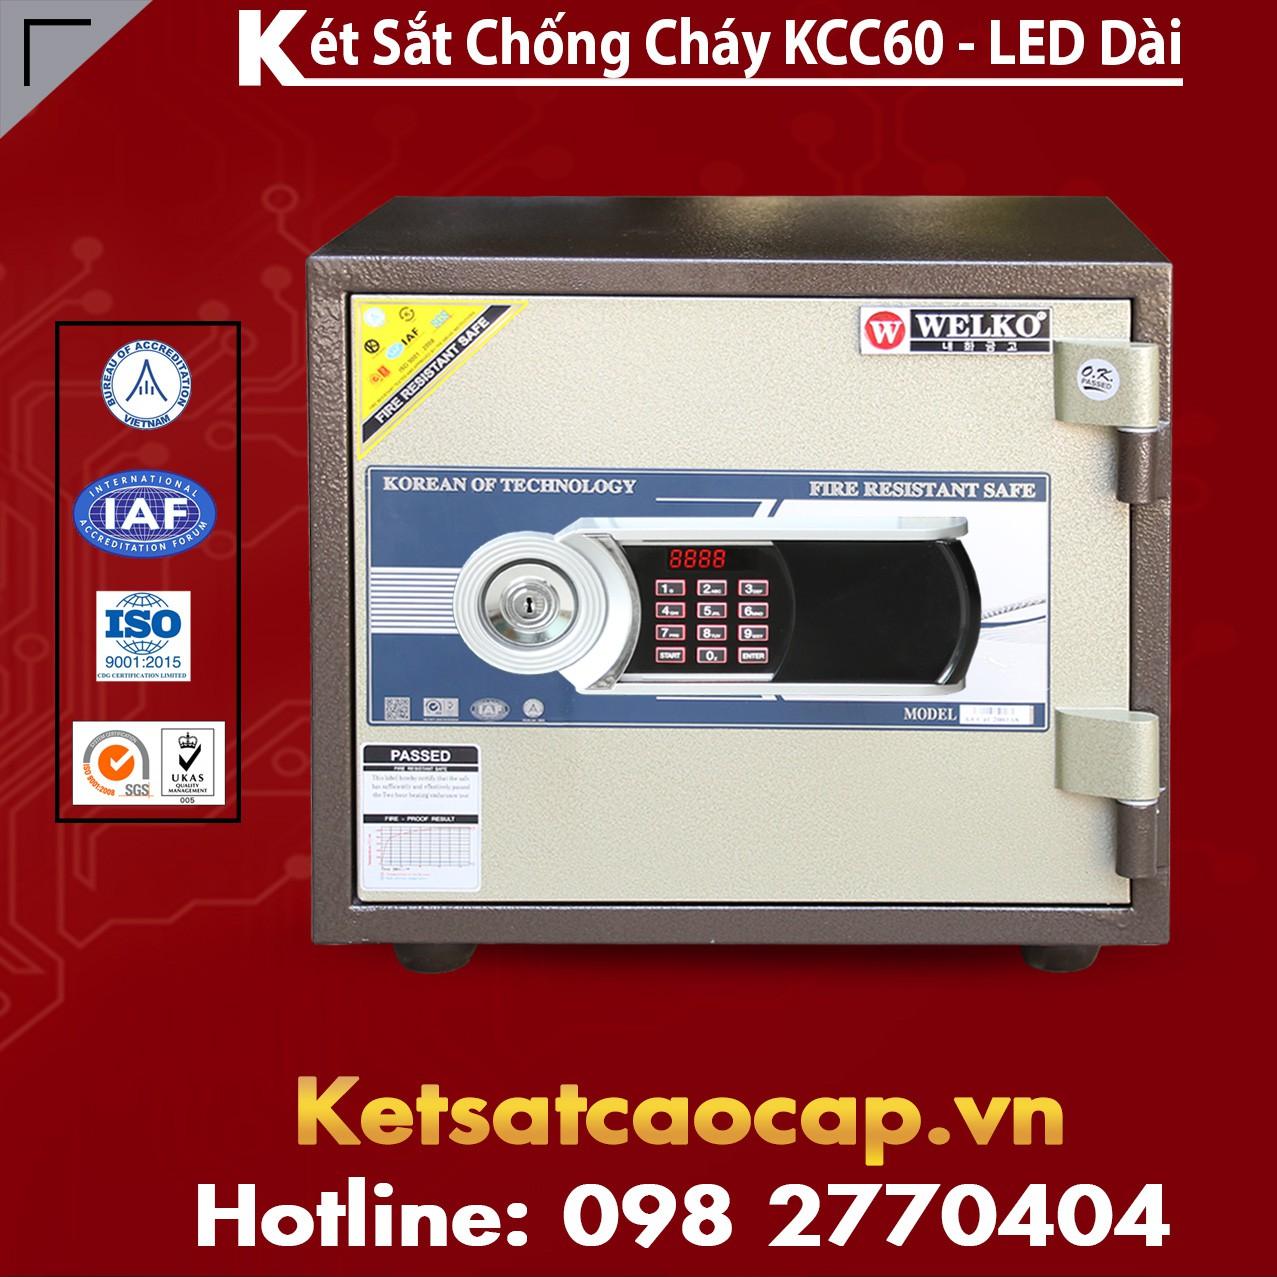 Két Sắt  Mini Chống Cháy WELKO KCC60 - Led Dài